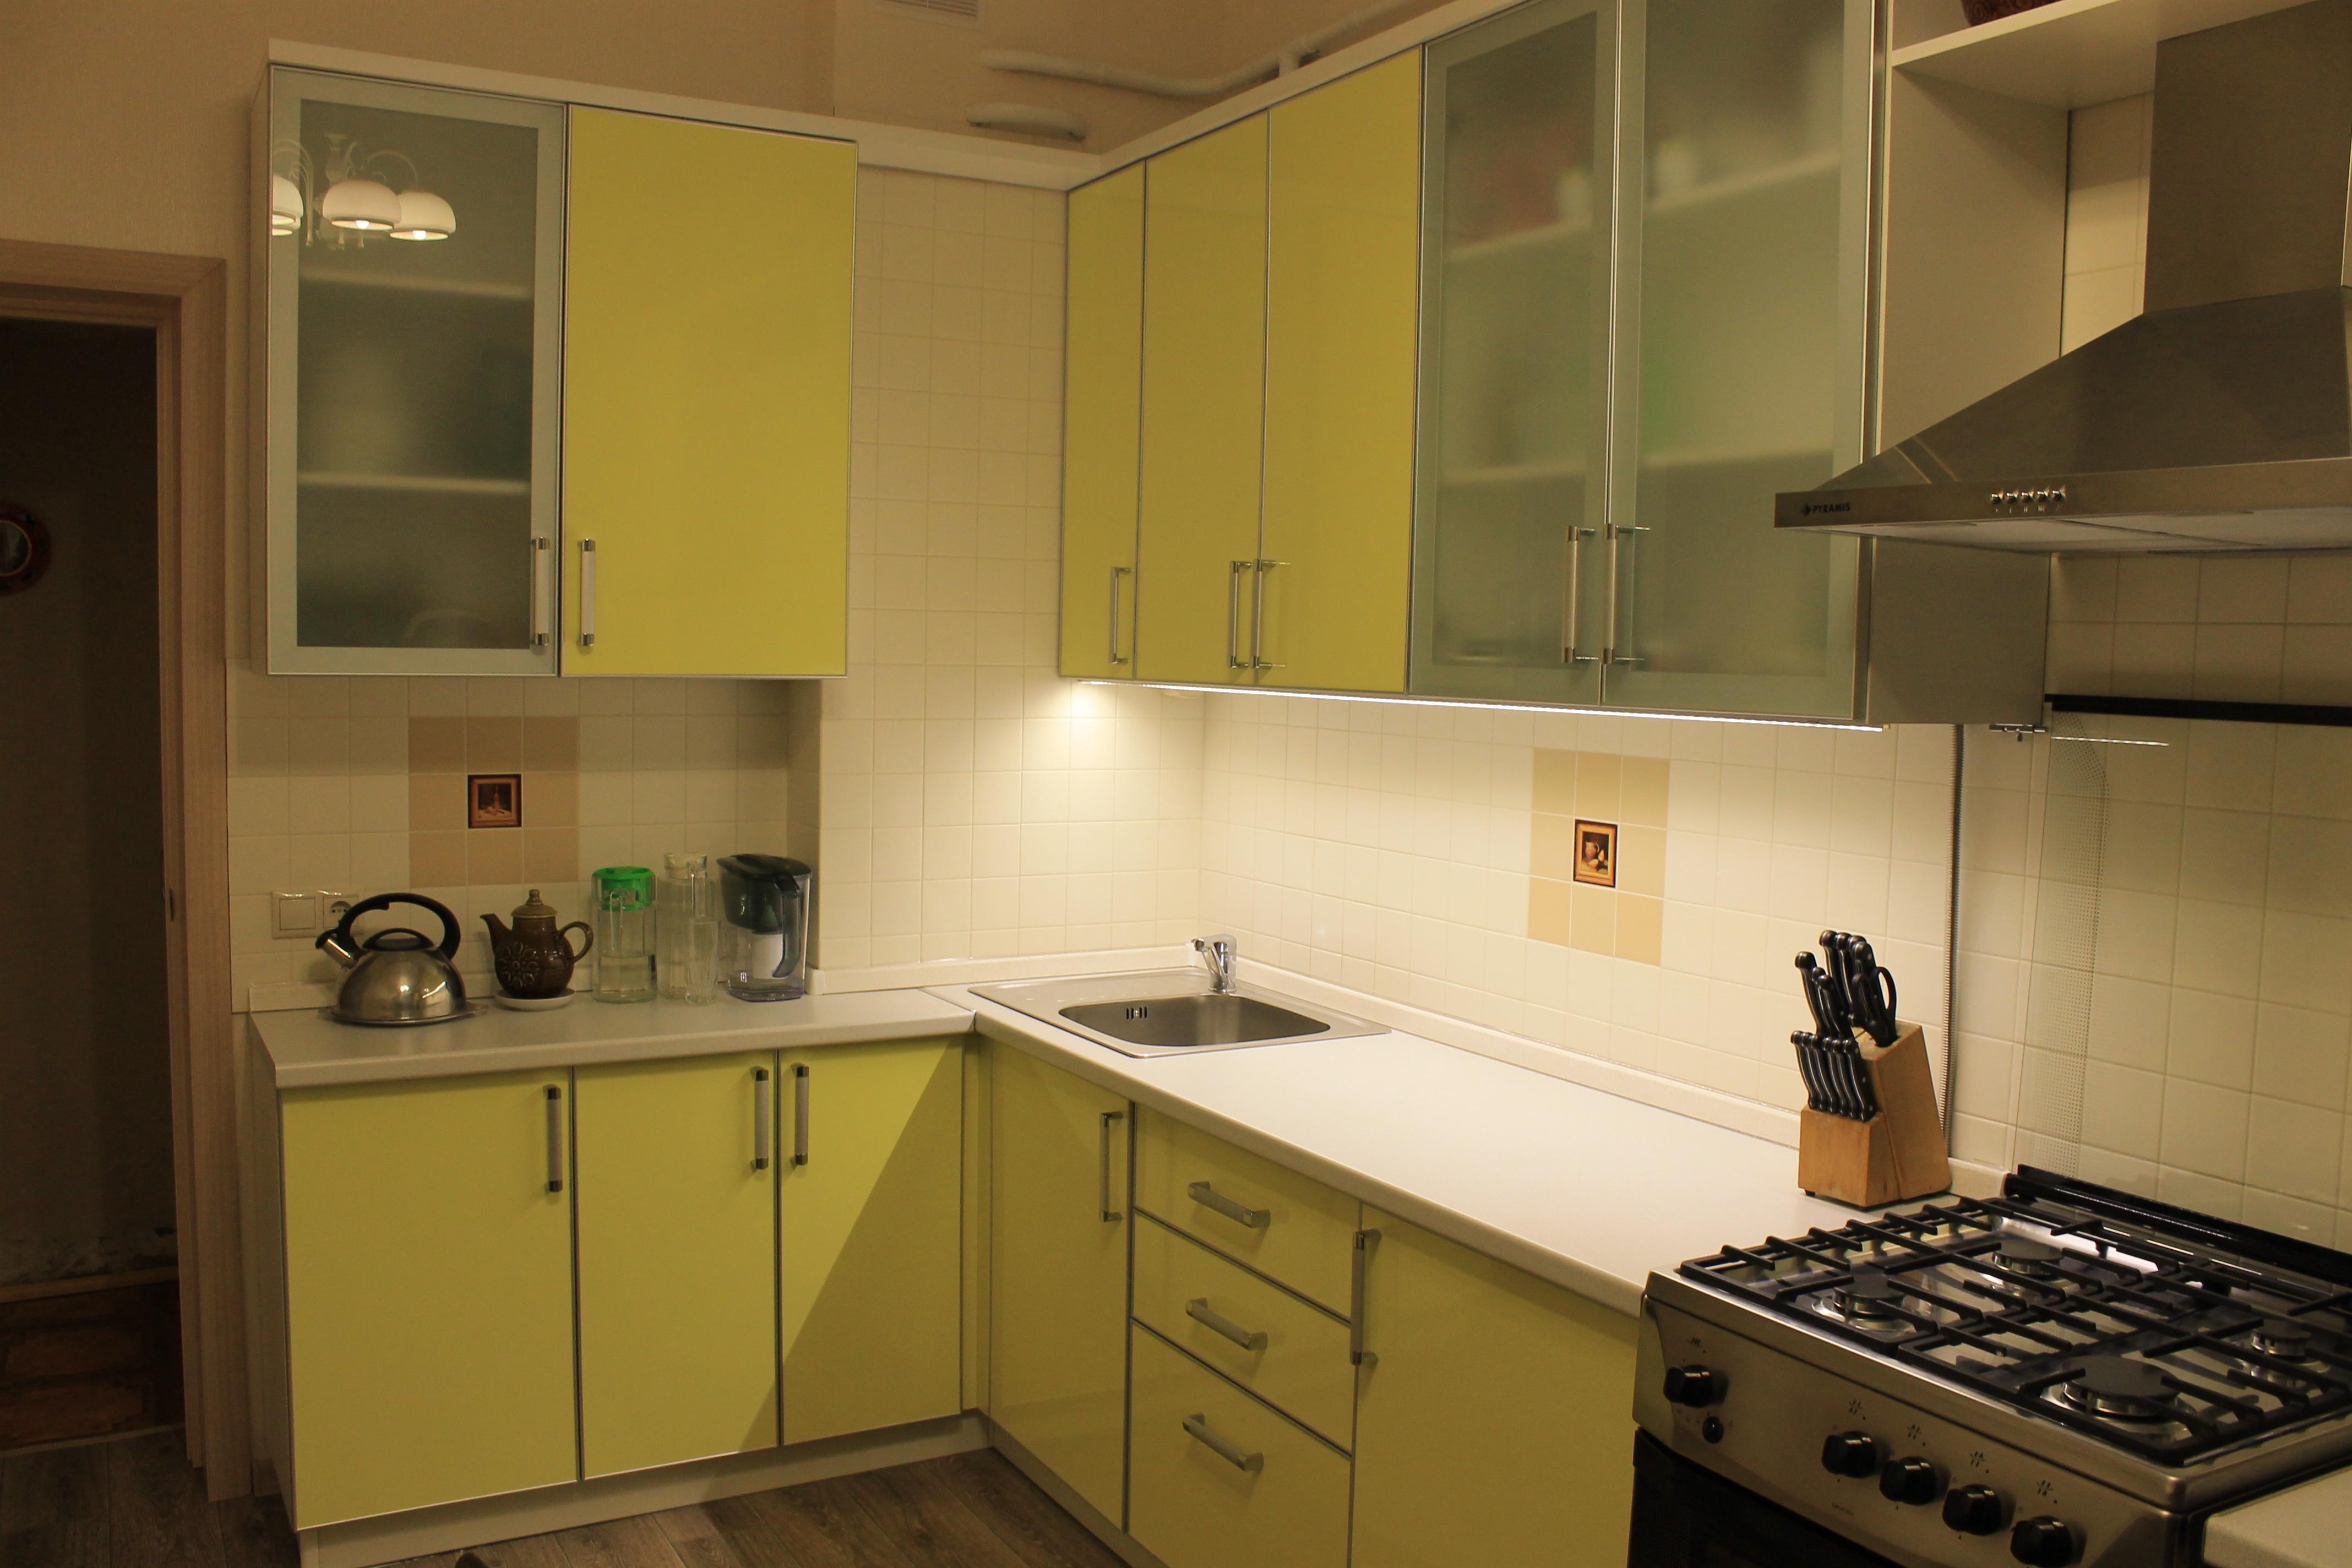 фото кухни мама чебоксары 102.jpg